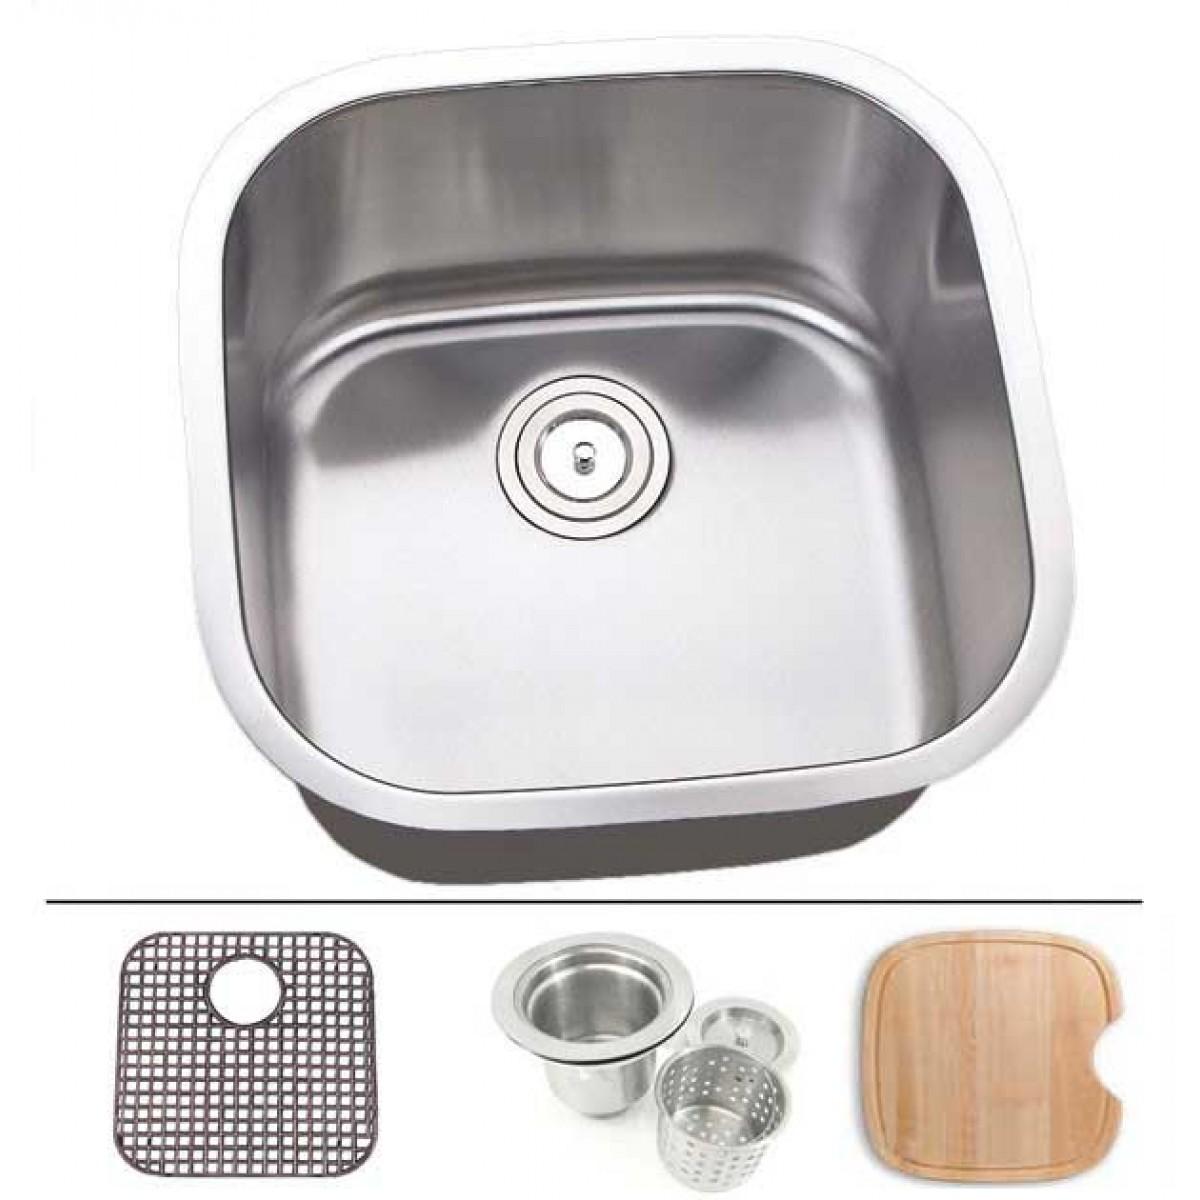 20 Inch Stainless Steel Undermount Single Bowl Kitchen Sink - 16 ...